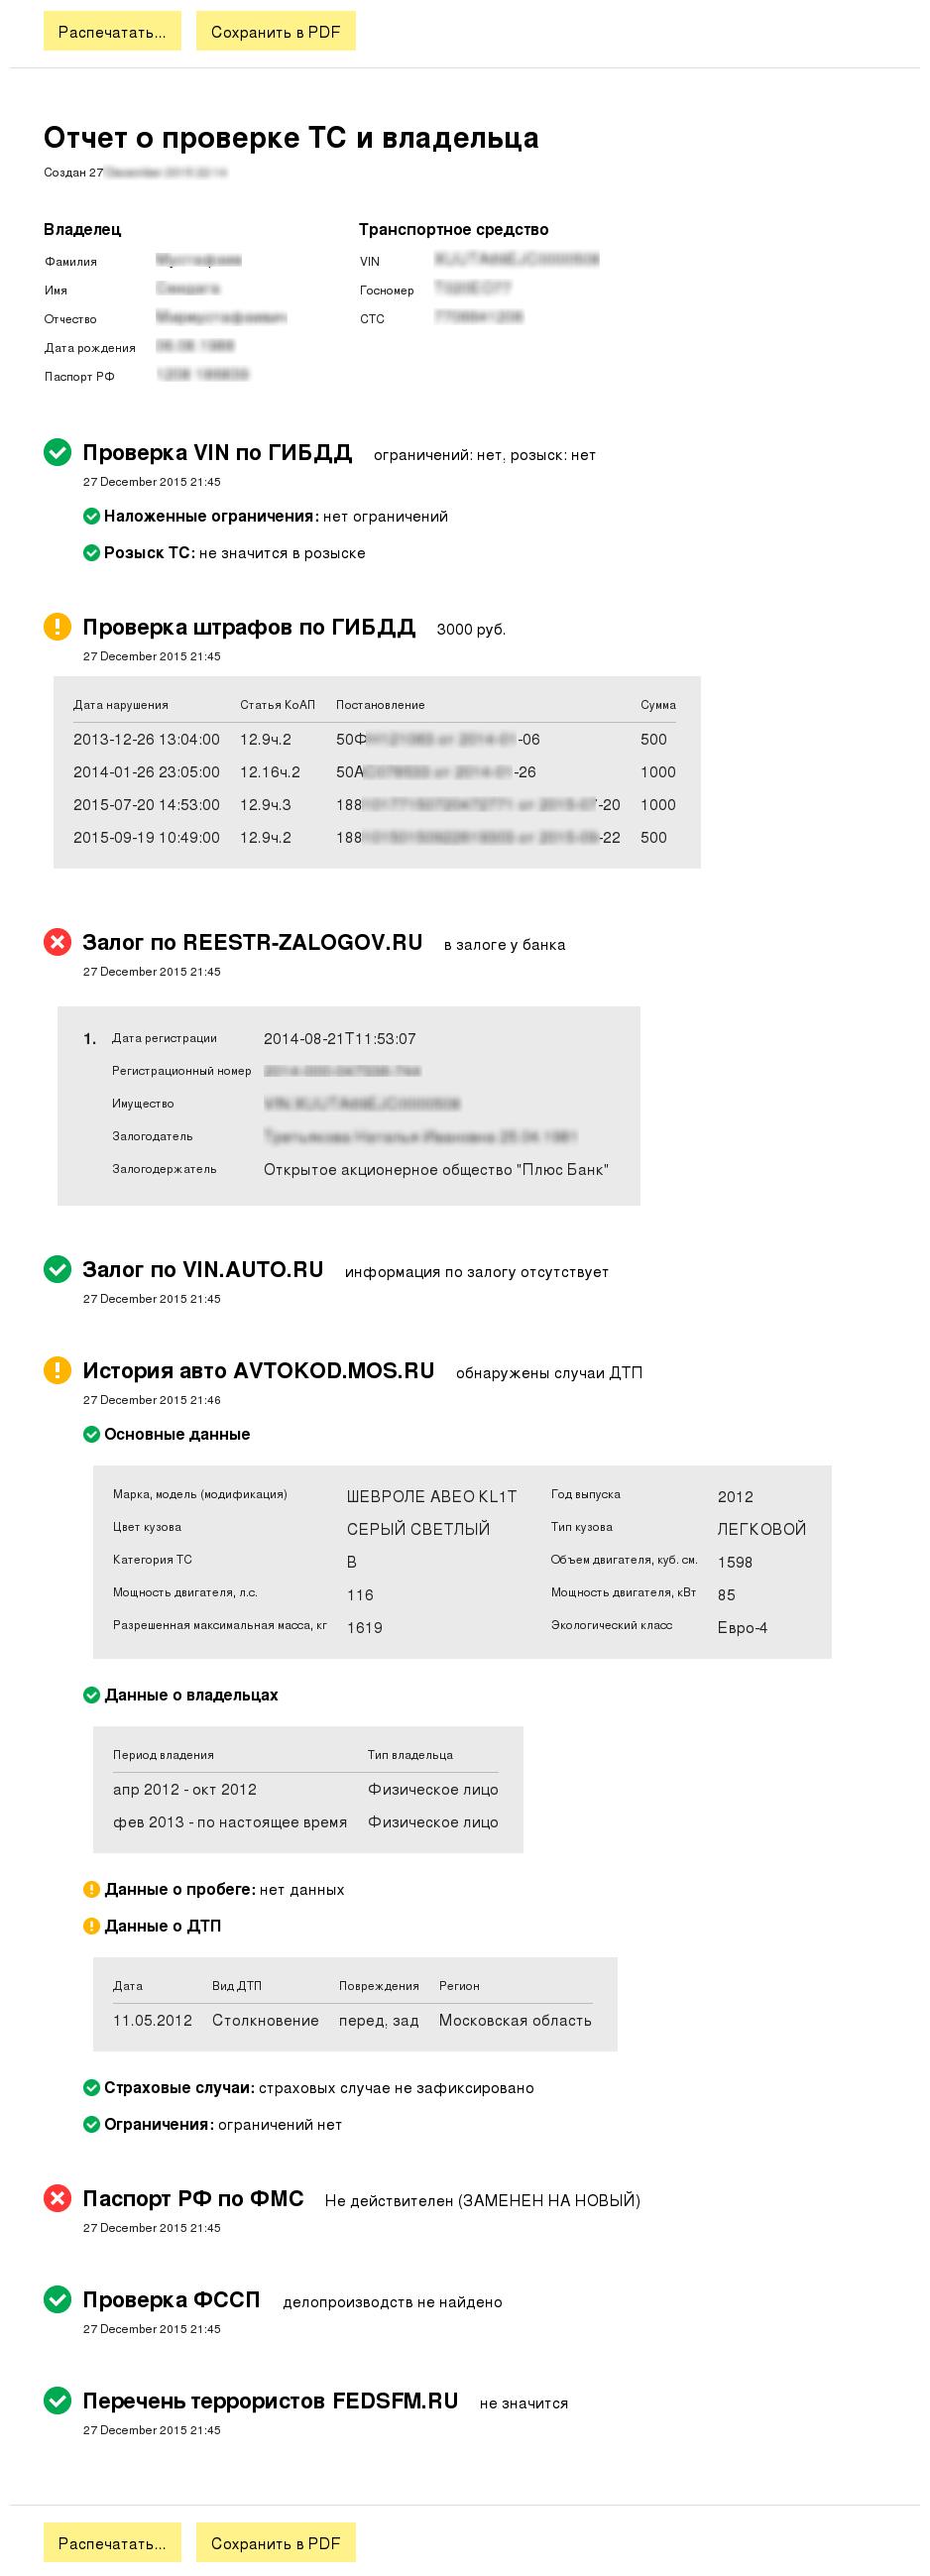 Отчет о проверке ТС и собственника